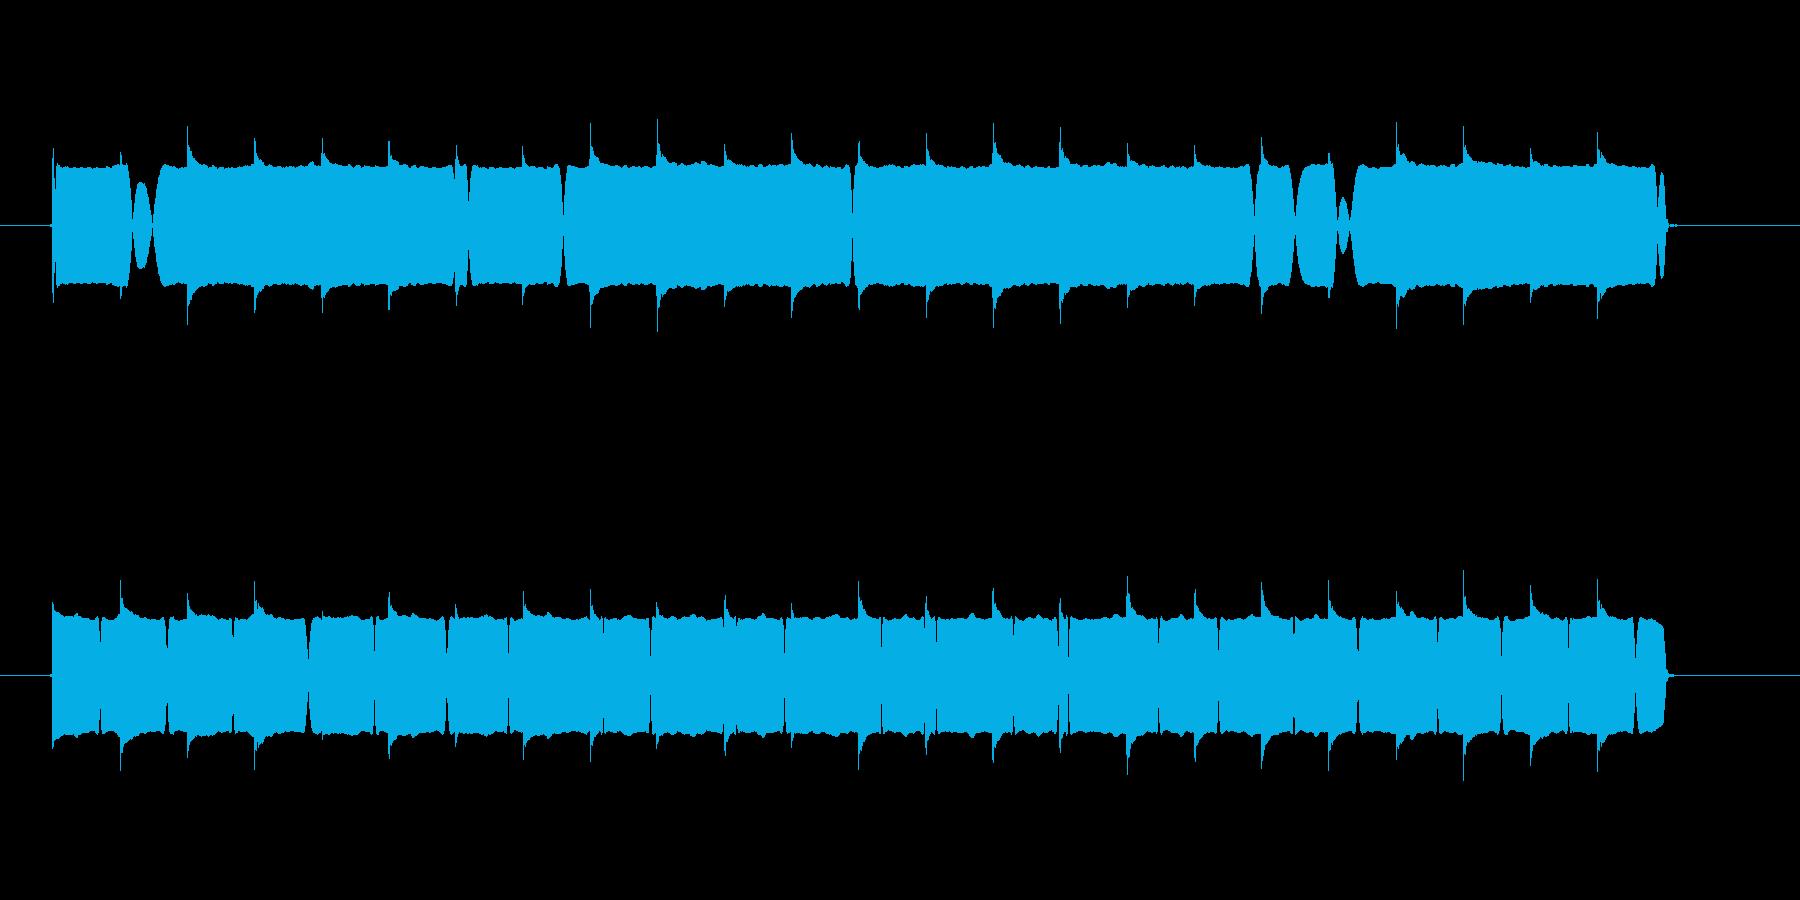 低めの音質のサイレン音の再生済みの波形